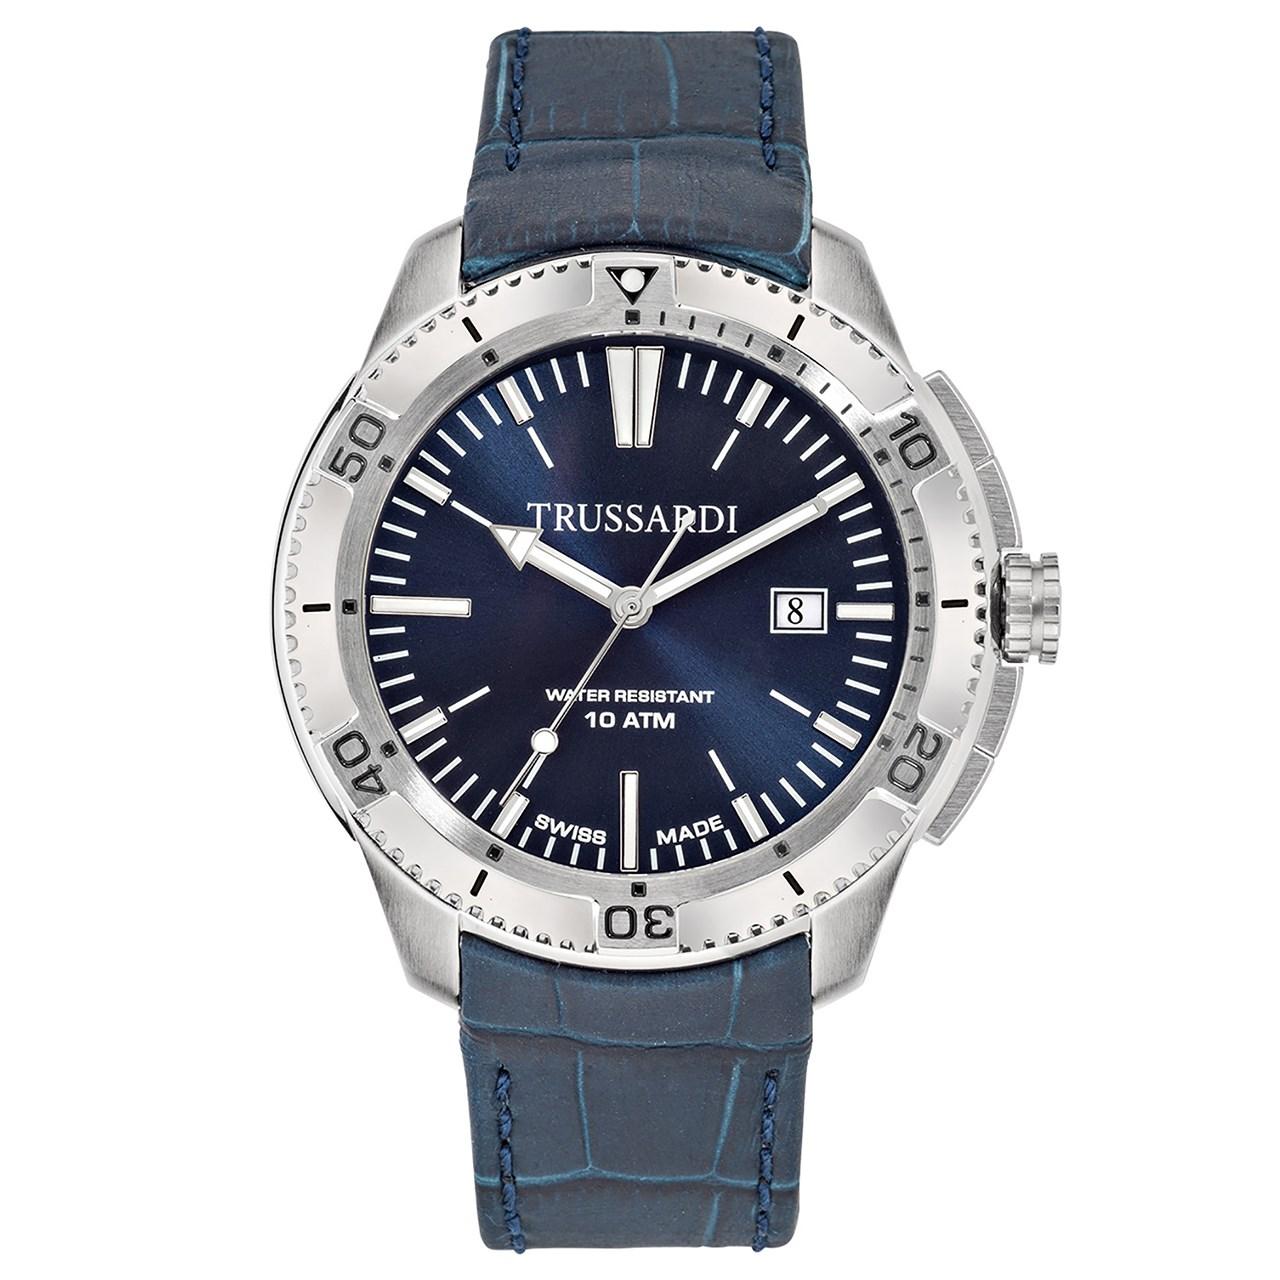 ساعت مچی عقربه ای مردانه تروساردی مدل TR-R2451101002